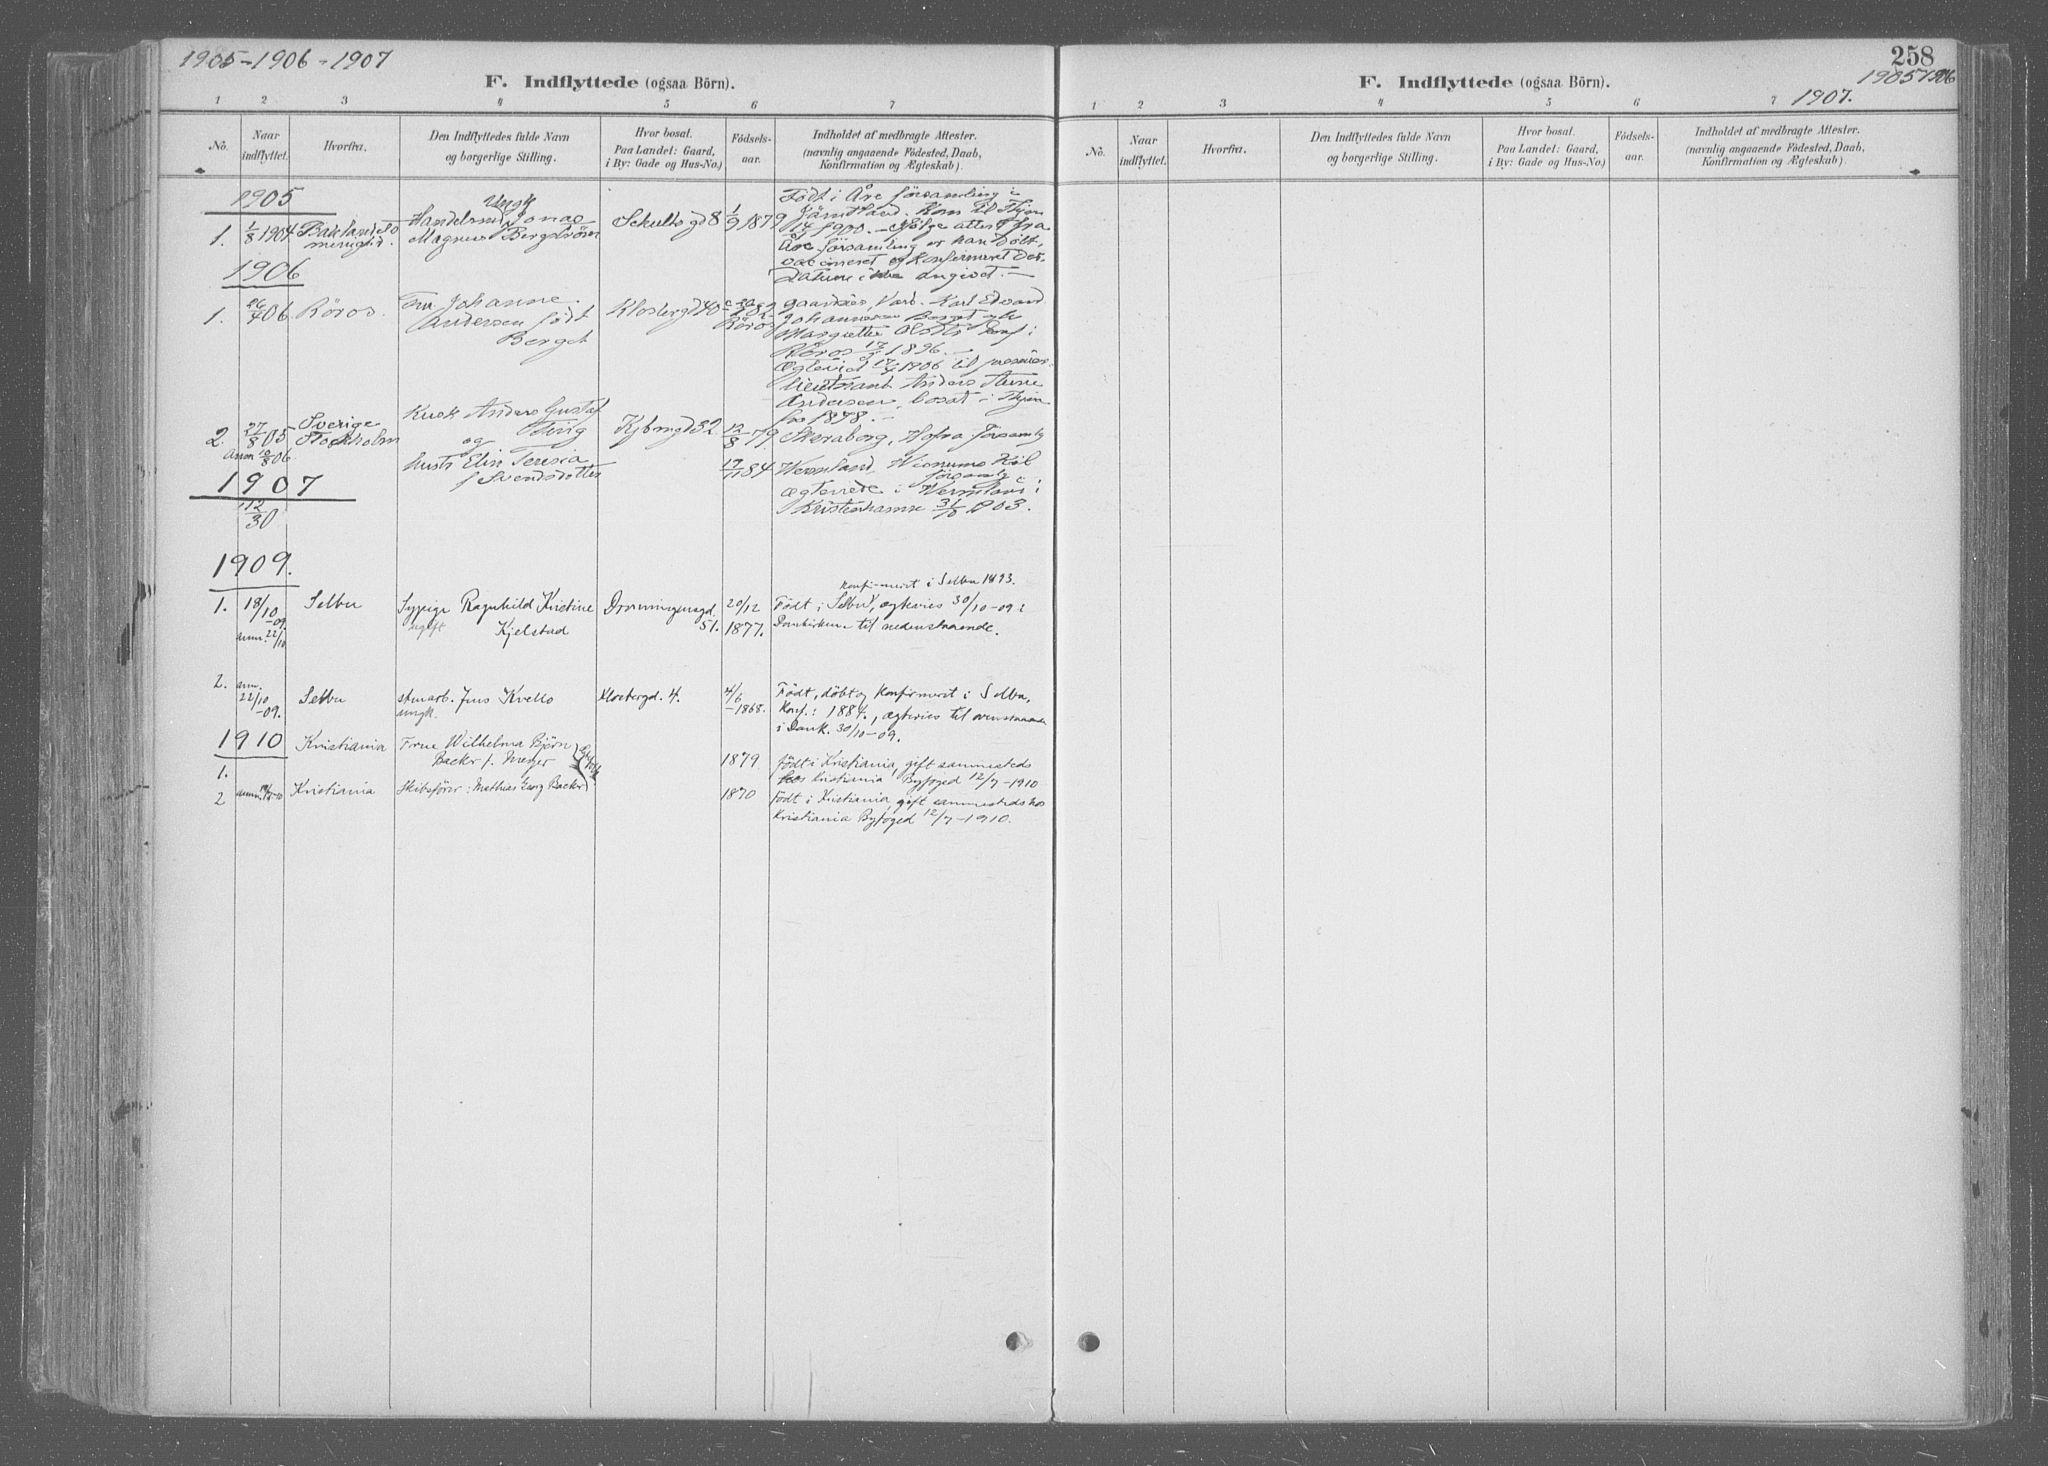 SAT, Ministerialprotokoller, klokkerbøker og fødselsregistre - Sør-Trøndelag, 601/L0064: Ministerialbok nr. 601A31, 1891-1911, s. 258